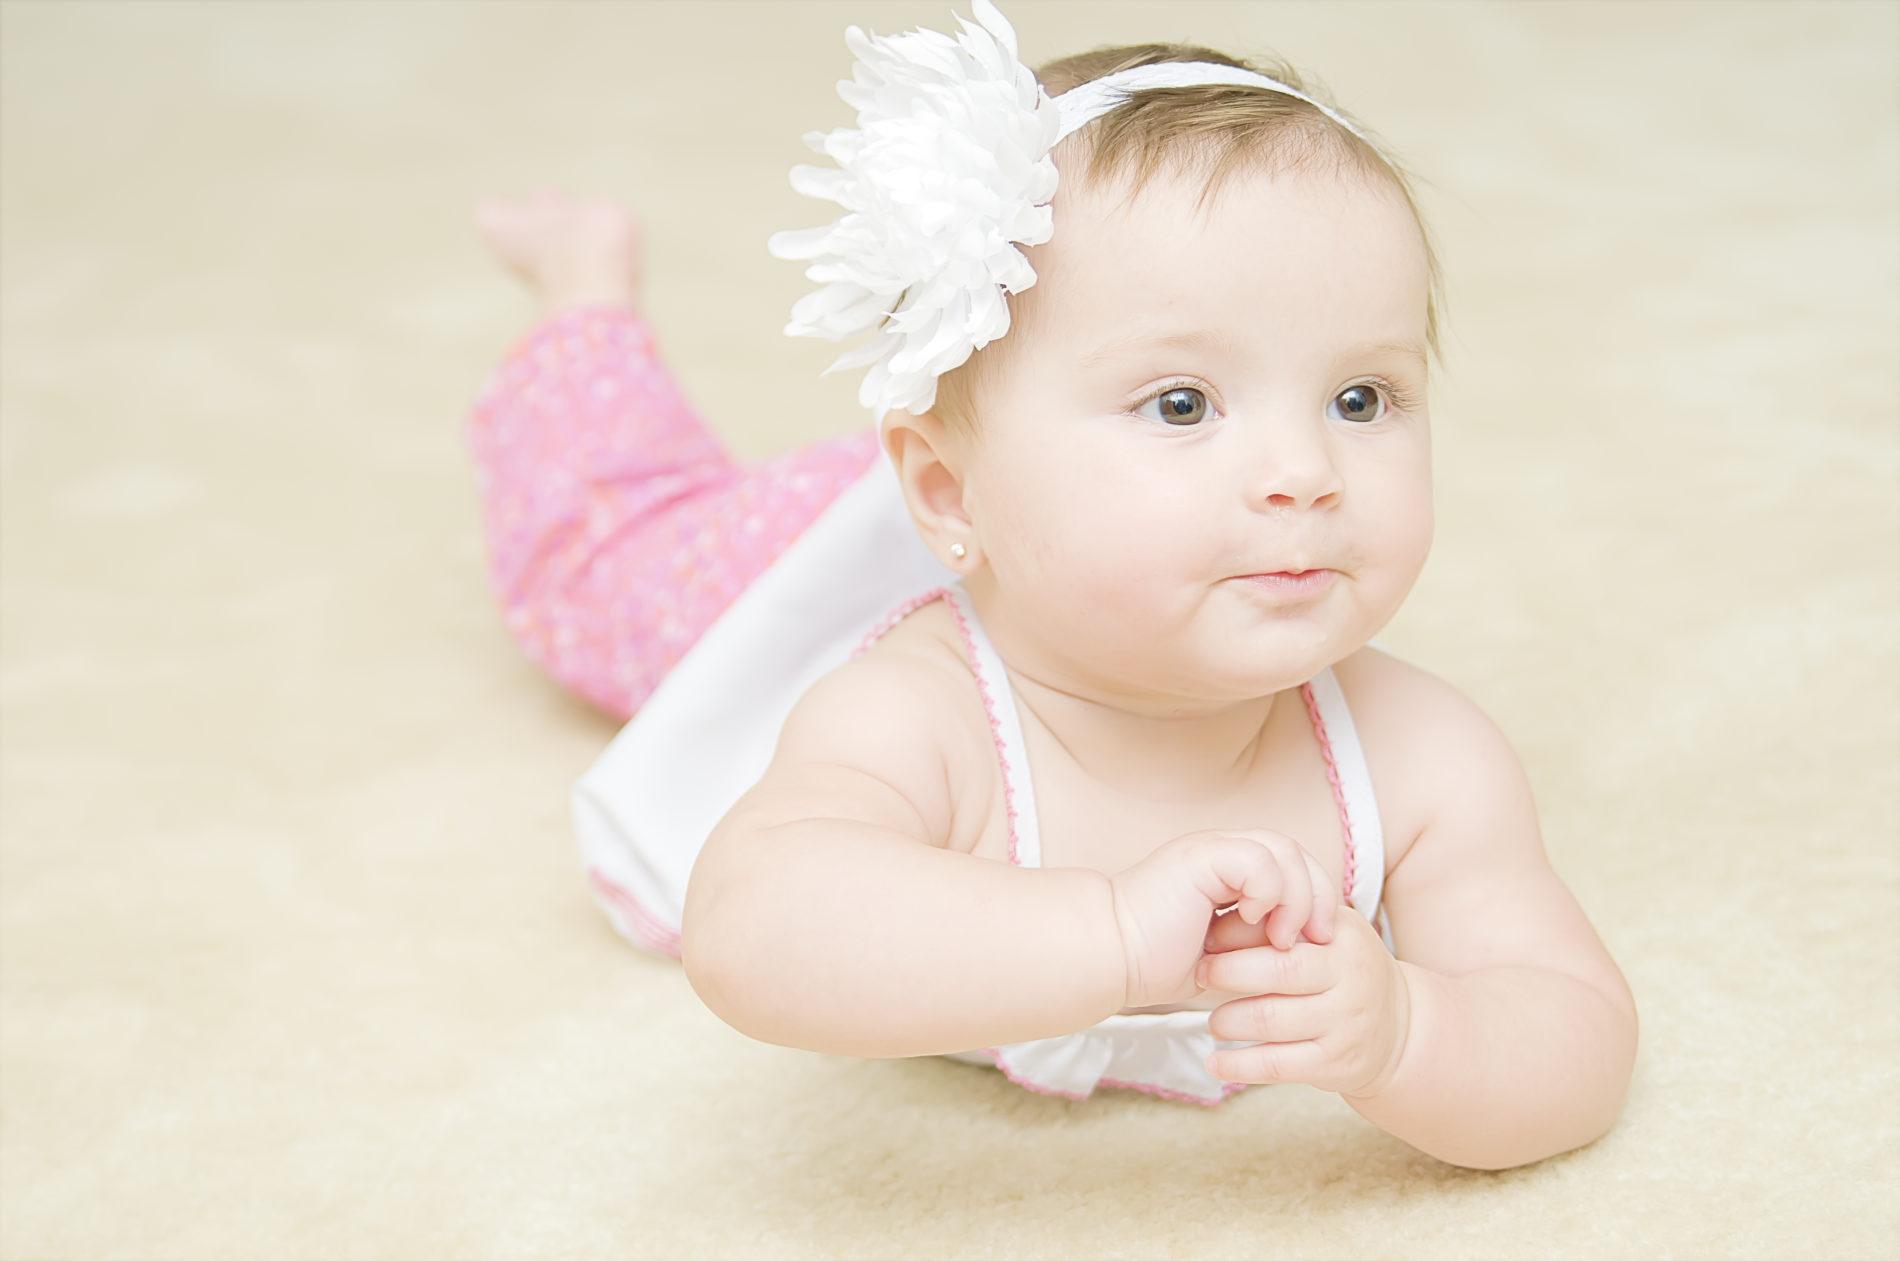 Fórmulas infantiles con DHA y ARA impulsan el desarrollo cognitivo de los niños